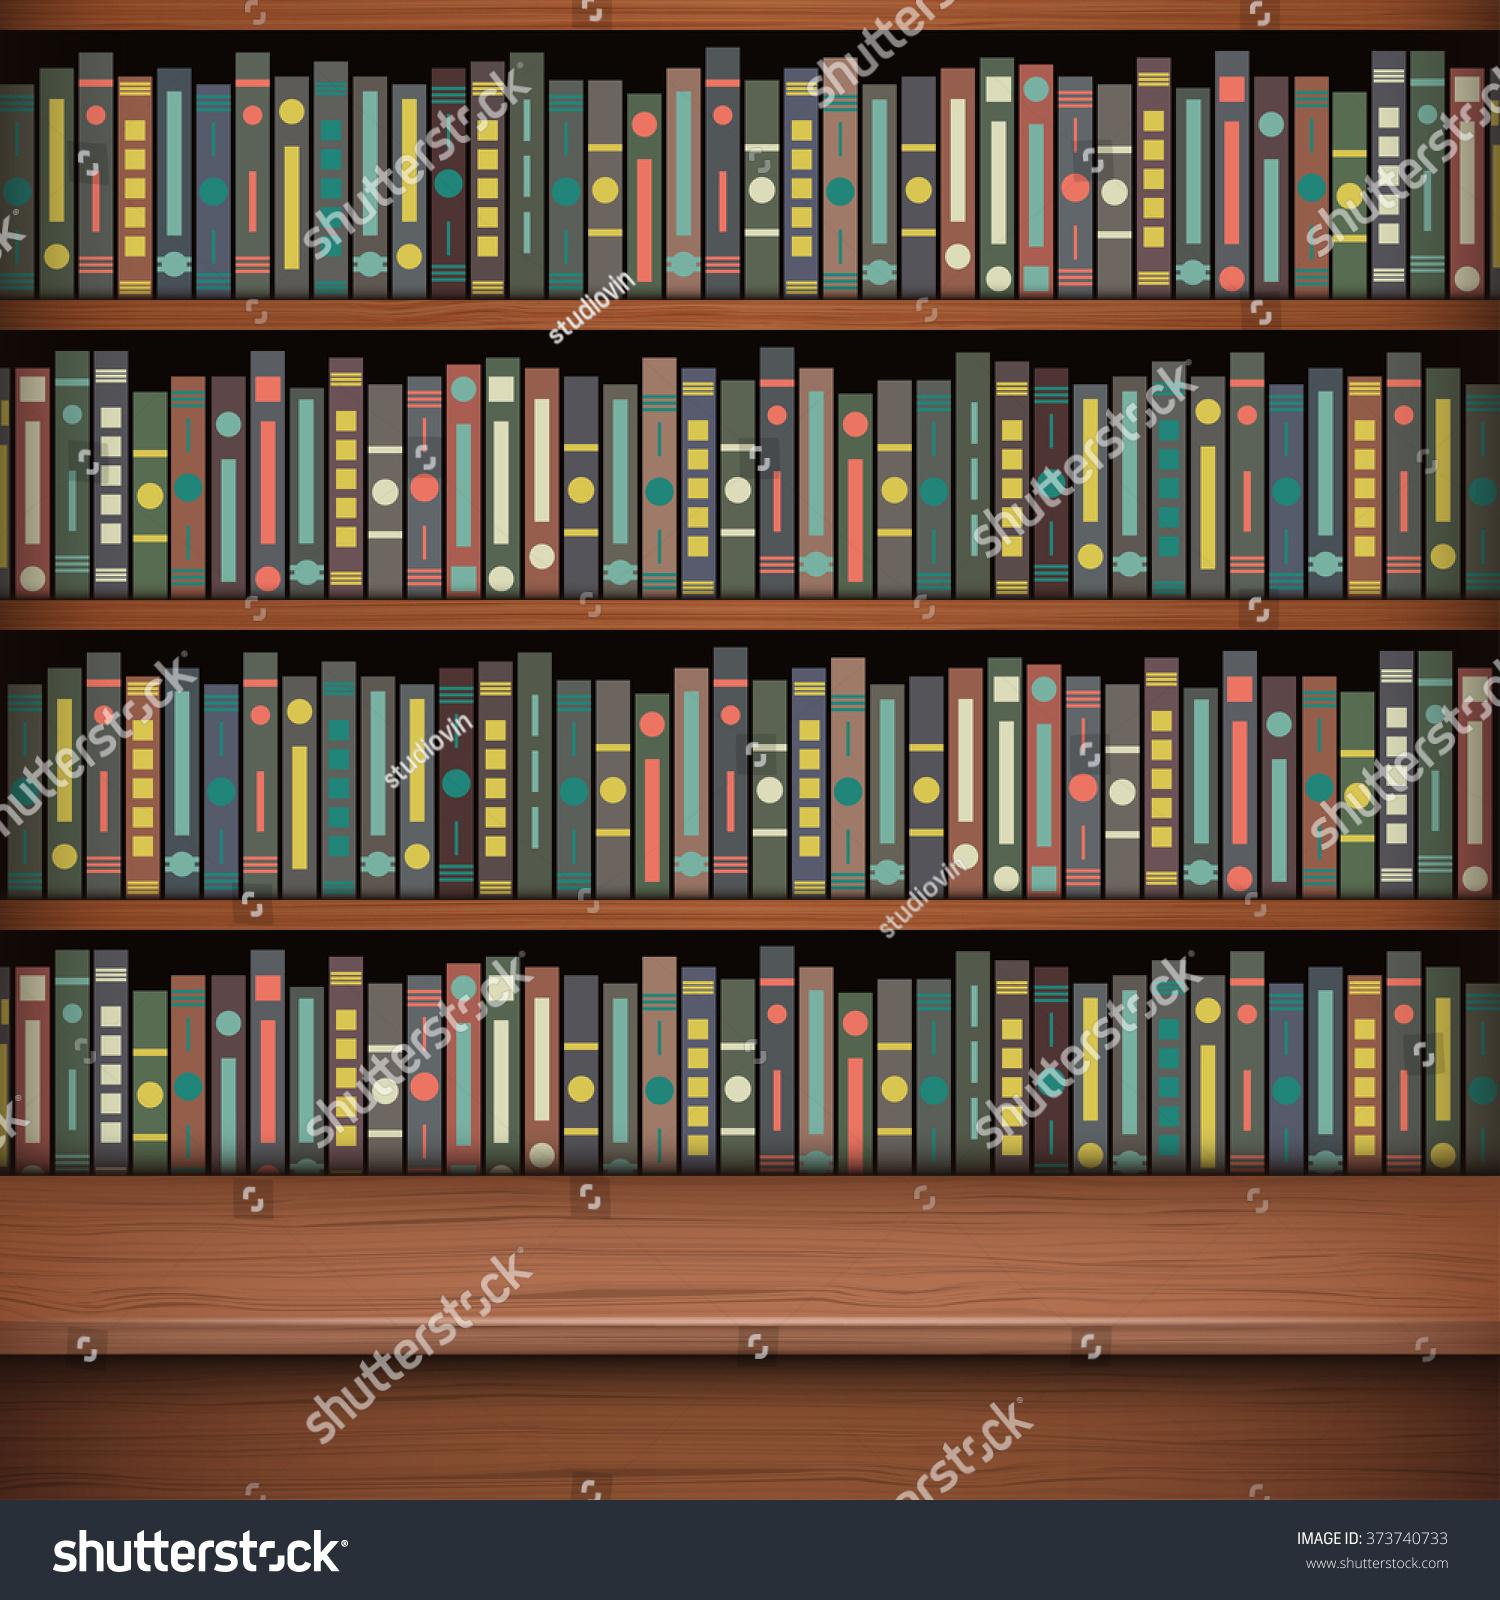 Table on background of bookshelf full of